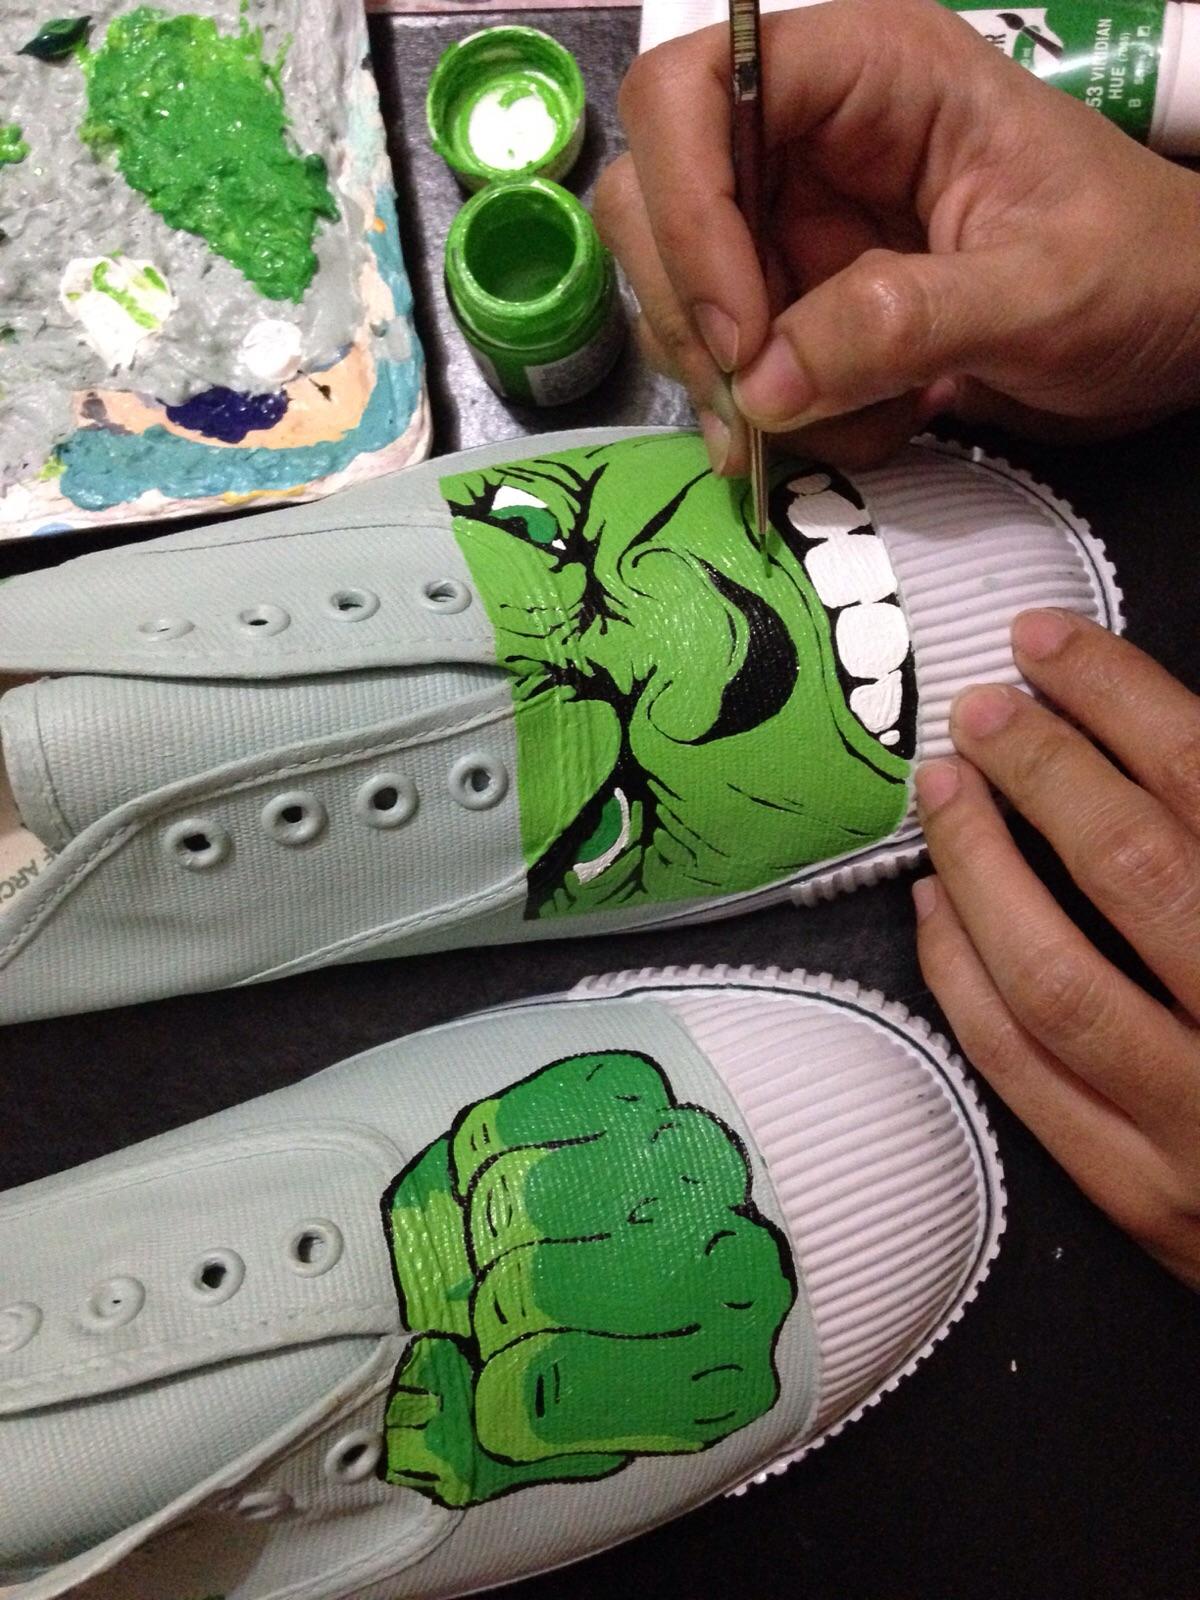 Hulk! Smash!